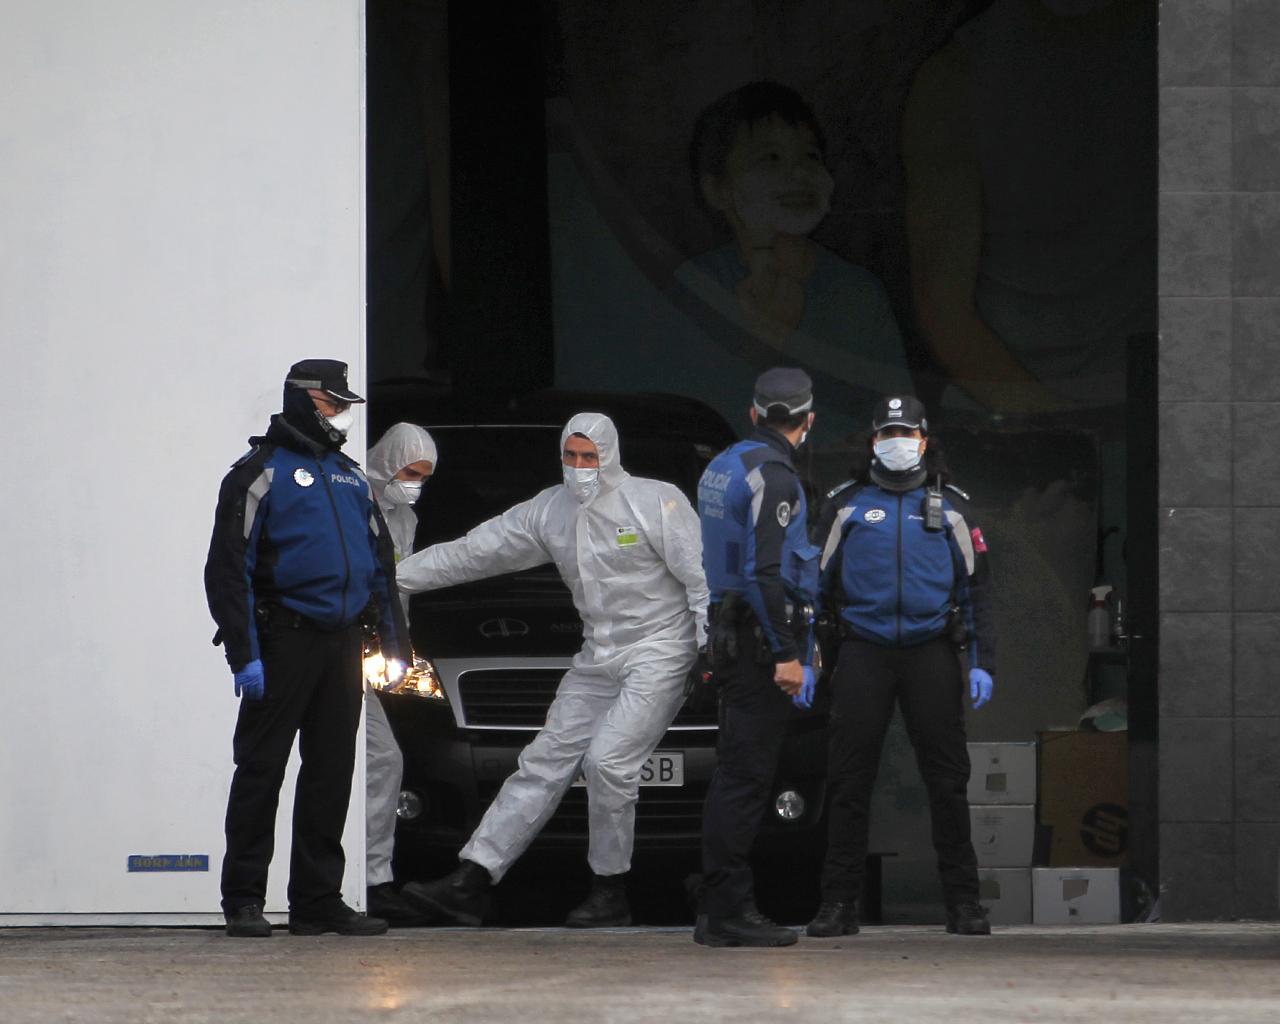 Un operario cierra la puerta de acceso a vehículos funerarios en el Palacio de Hielo. Madrid. 24/03/2020.